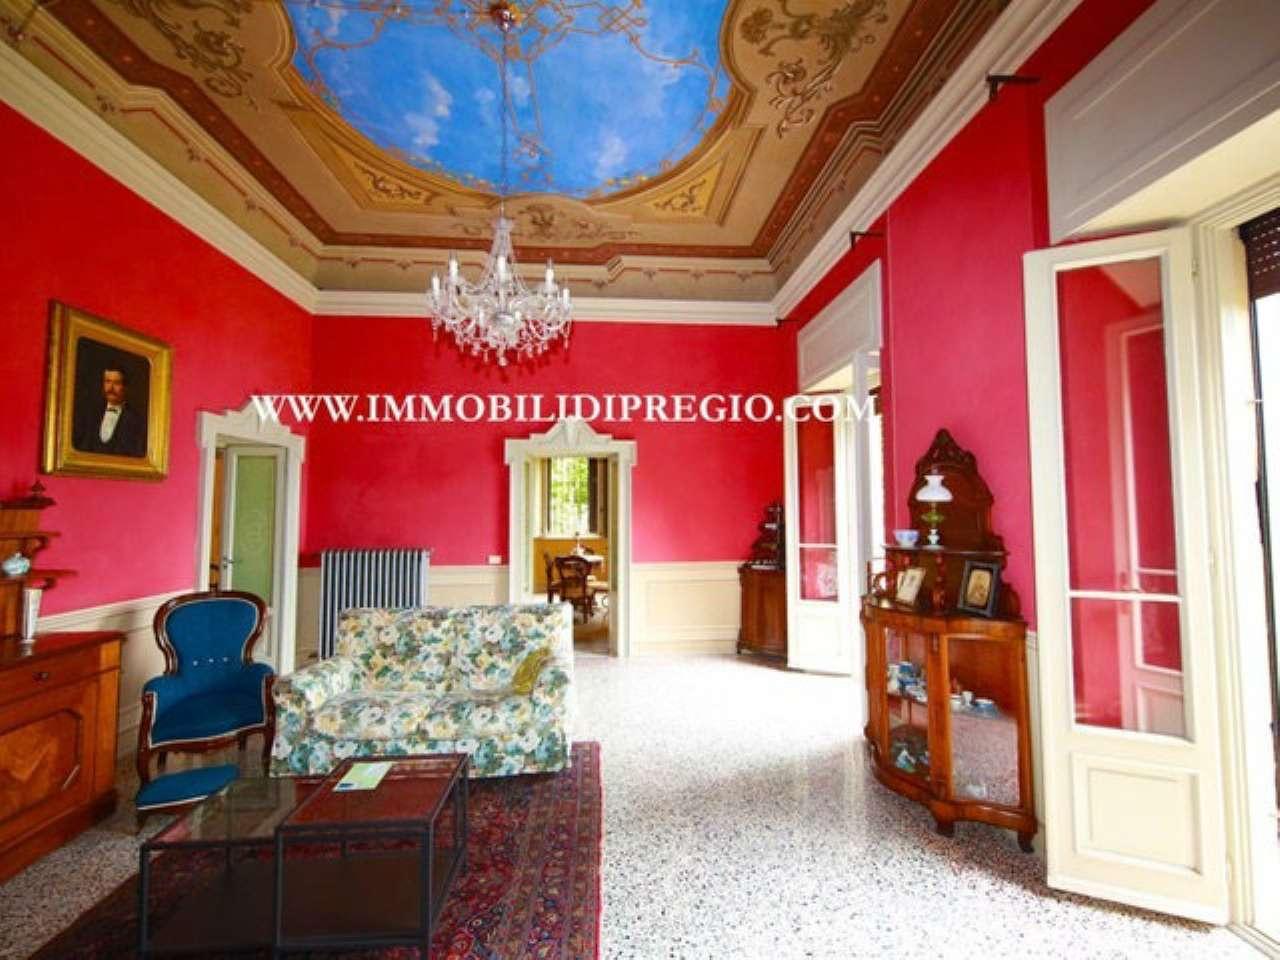 Villa in vendita a Cernobbio, 11 locali, Trattative riservate | CambioCasa.it